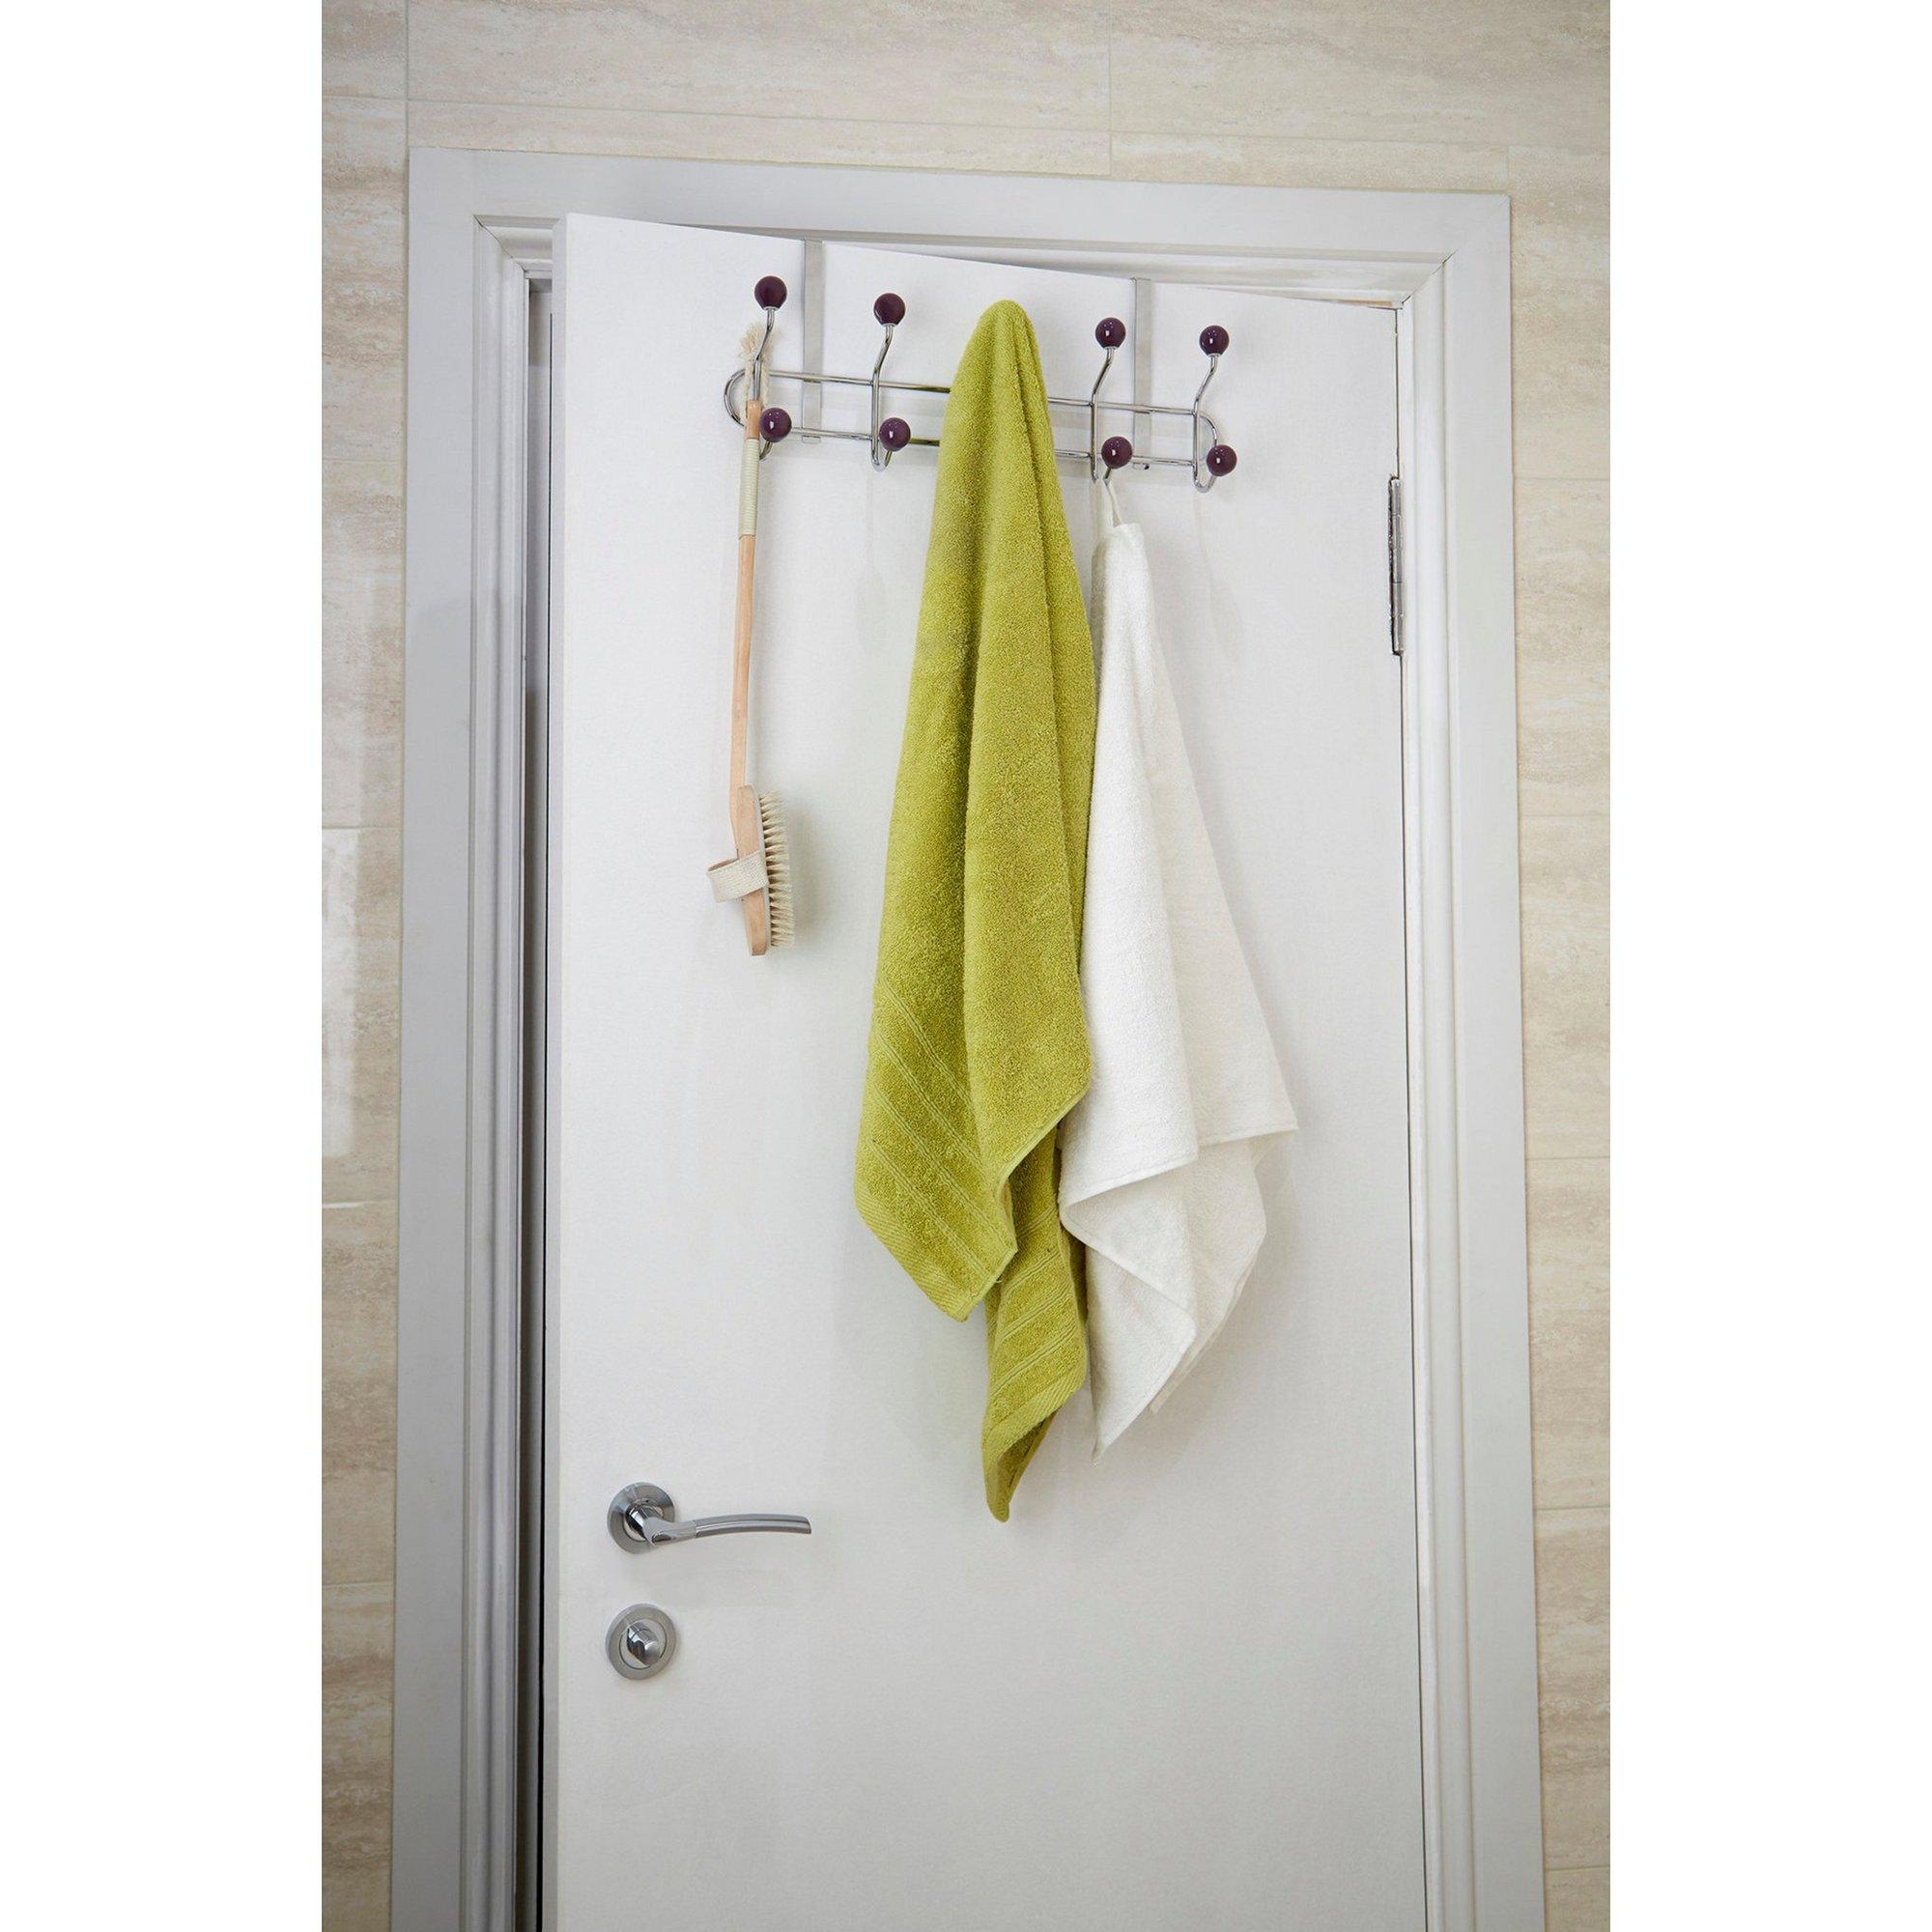 Image of 10 Hook Purple Over Door Hanger